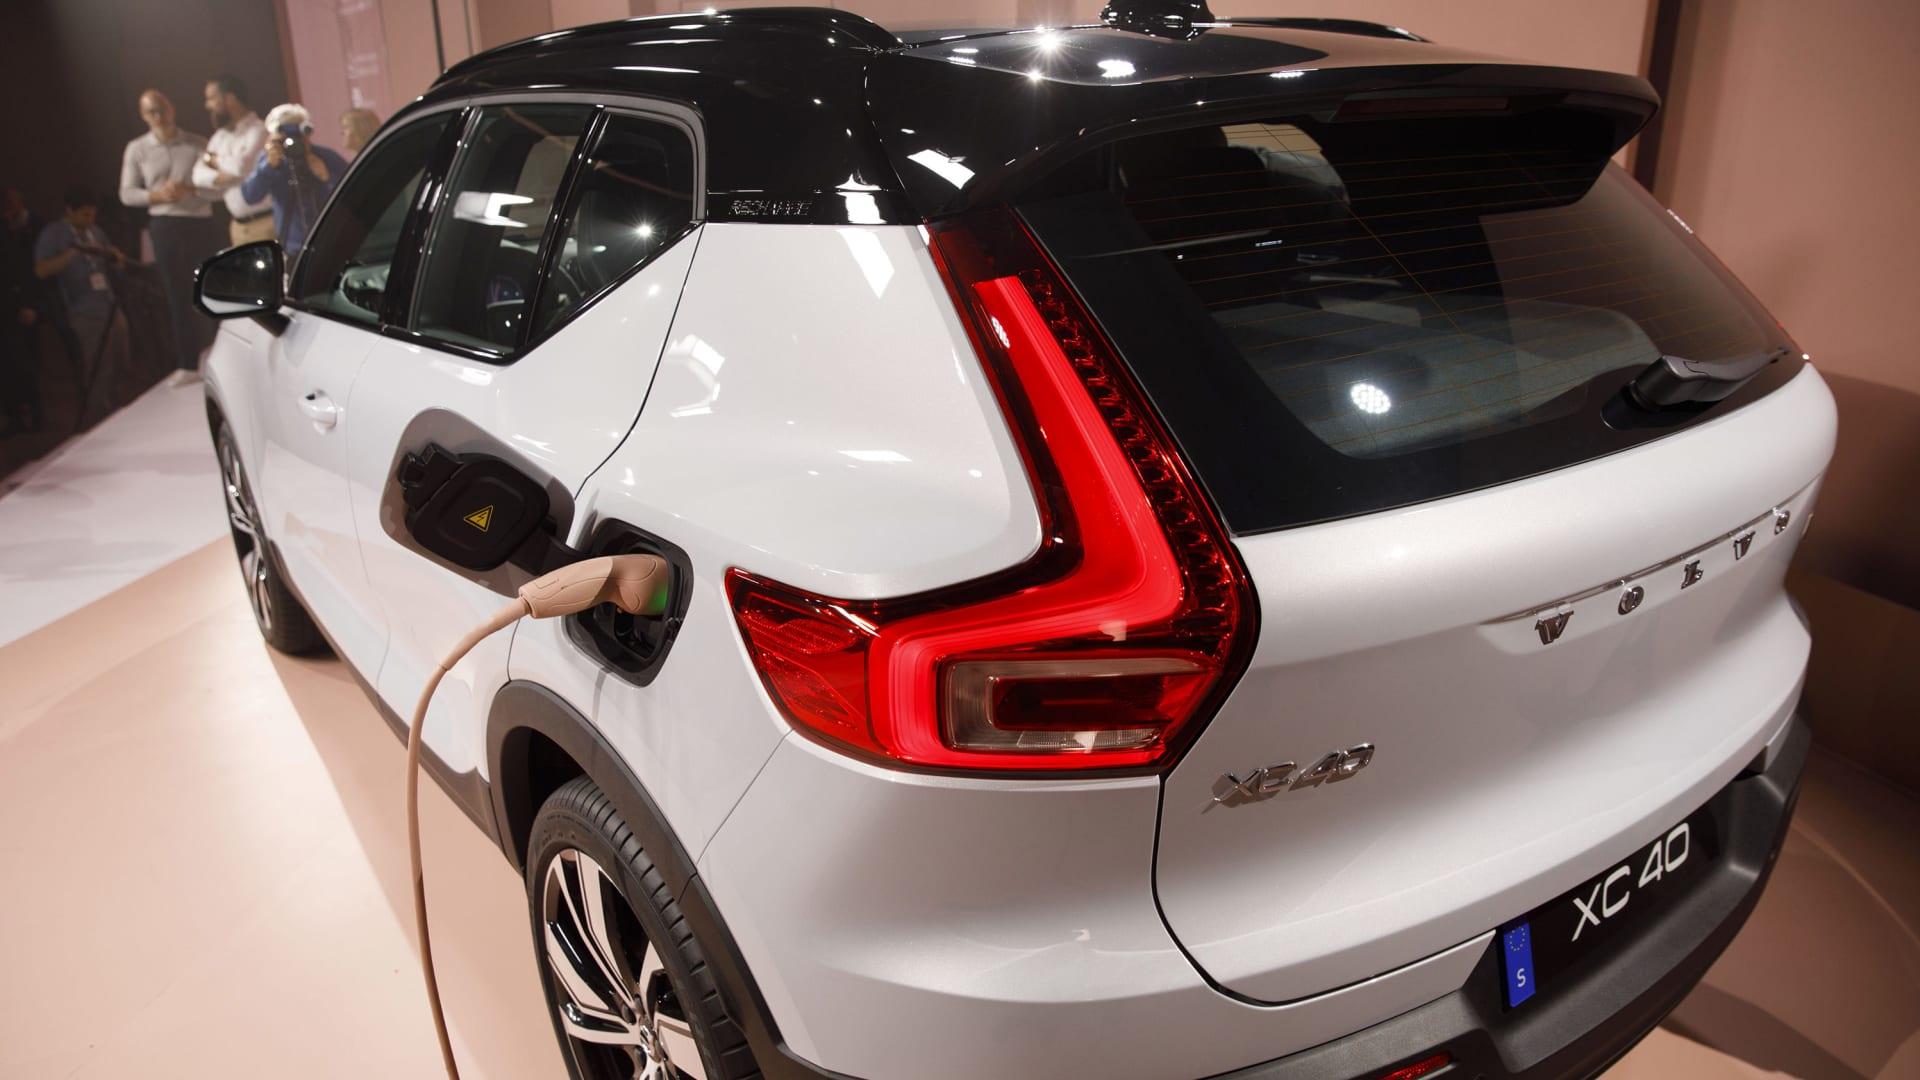 """فولفو ستصبح كهربائية بالكامل بحلول العام 2030.. والإنترنت """"متجر"""" سياراتها الوحيد"""